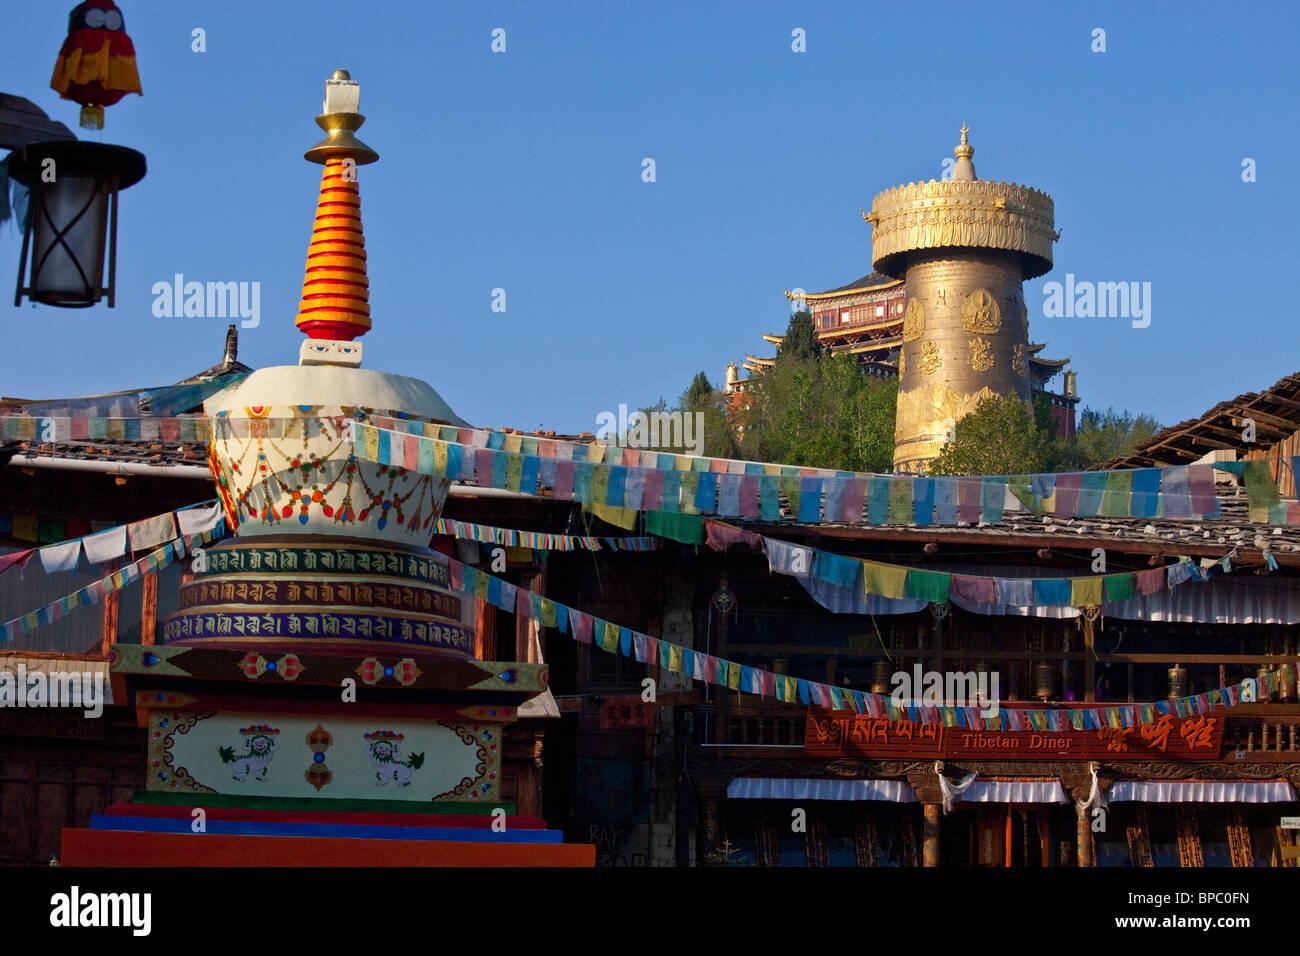 Guishan Gongyuan in Shangri-La o Zhongdian nella provincia di Yunnan in Cina Immagini Stock